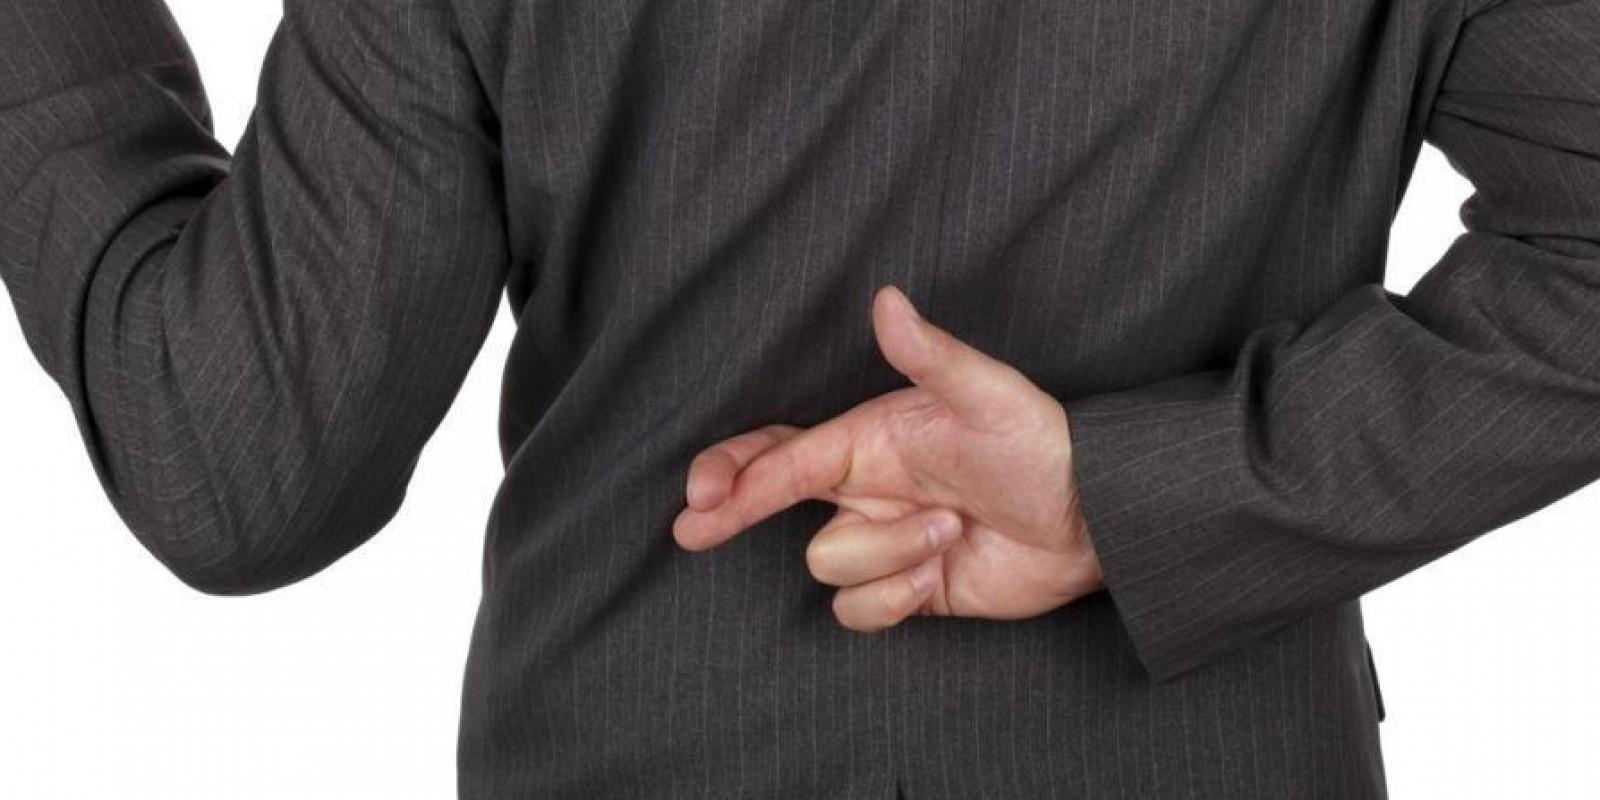 Consumidora pede retirada de negativação e acaba condenada por litigância de má-fé